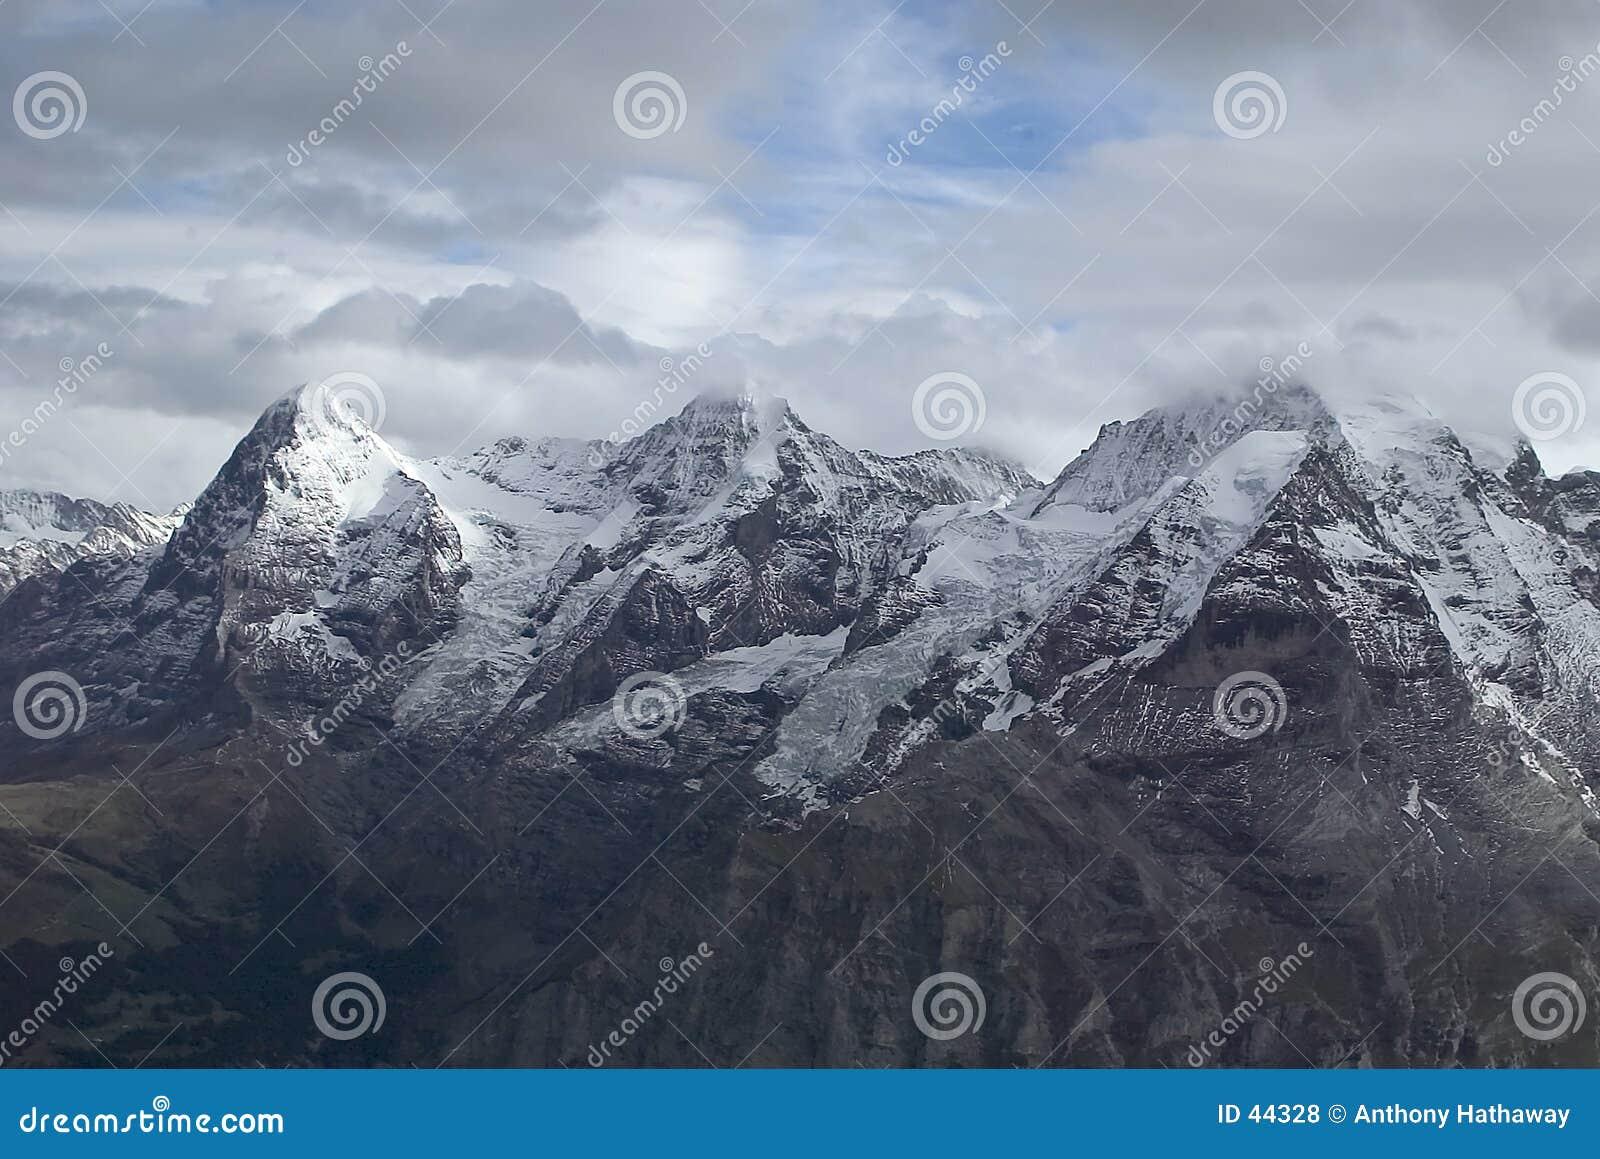 Download Montañas alpestres foto de archivo. Imagen de montañas, montan - 44328